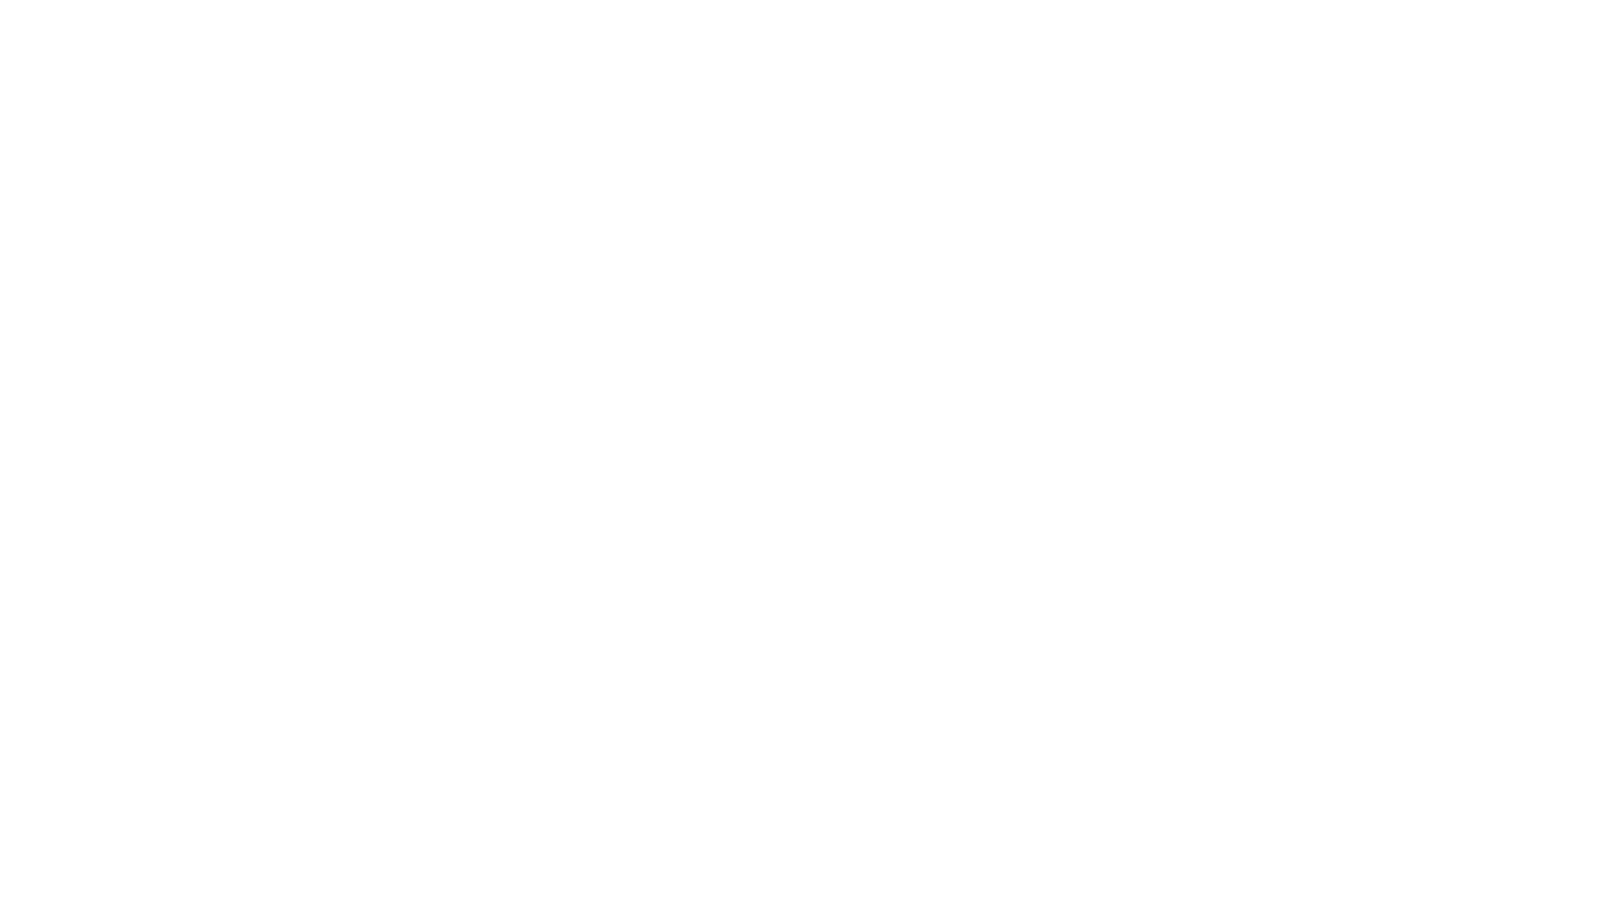 Rã Empanada  Para temperar: SalMix com Limão e Pimenta do Reino  3 Dentes Alho Picado   Ingredientes para Empanar:  Farinha de Trigo  Farinha de Rosca  Ovos  SalMix com Limão e Pimenta do Reino    Agradecimentos:  RP GOURMET Distribuidora de Lenha e Alimentos  Exóticos Avenida João Fiusa 1901, Ribeirão Preto-SP  www.rpgourmet.com.br Tel: (16) 98223-1771/98189-2100  MS Casa Nova Materiais para Construção Rua Deputado Orlando Jurca 285, Quintino 2, Ribeirão Preto-SP  Tel: (16) 3974-8509  Sal Mix Alimentos  www.salmixtemperos.com.br  Produção: Carol Balieiro  Trilha Sonora: Vitor Henrique  Link do Telegram: https://t.me/canalalexandretardivo  Link Ensopado de Pintado: https://youtu.be/cPkfkiHtxKU   Me segue no Instagram: https://www.instagram.com/alexandreta... Curta minha Fan Page: https://www.facebook.com/locutoralexa... Acesse meu Site: http://alexandretardivo.com.br